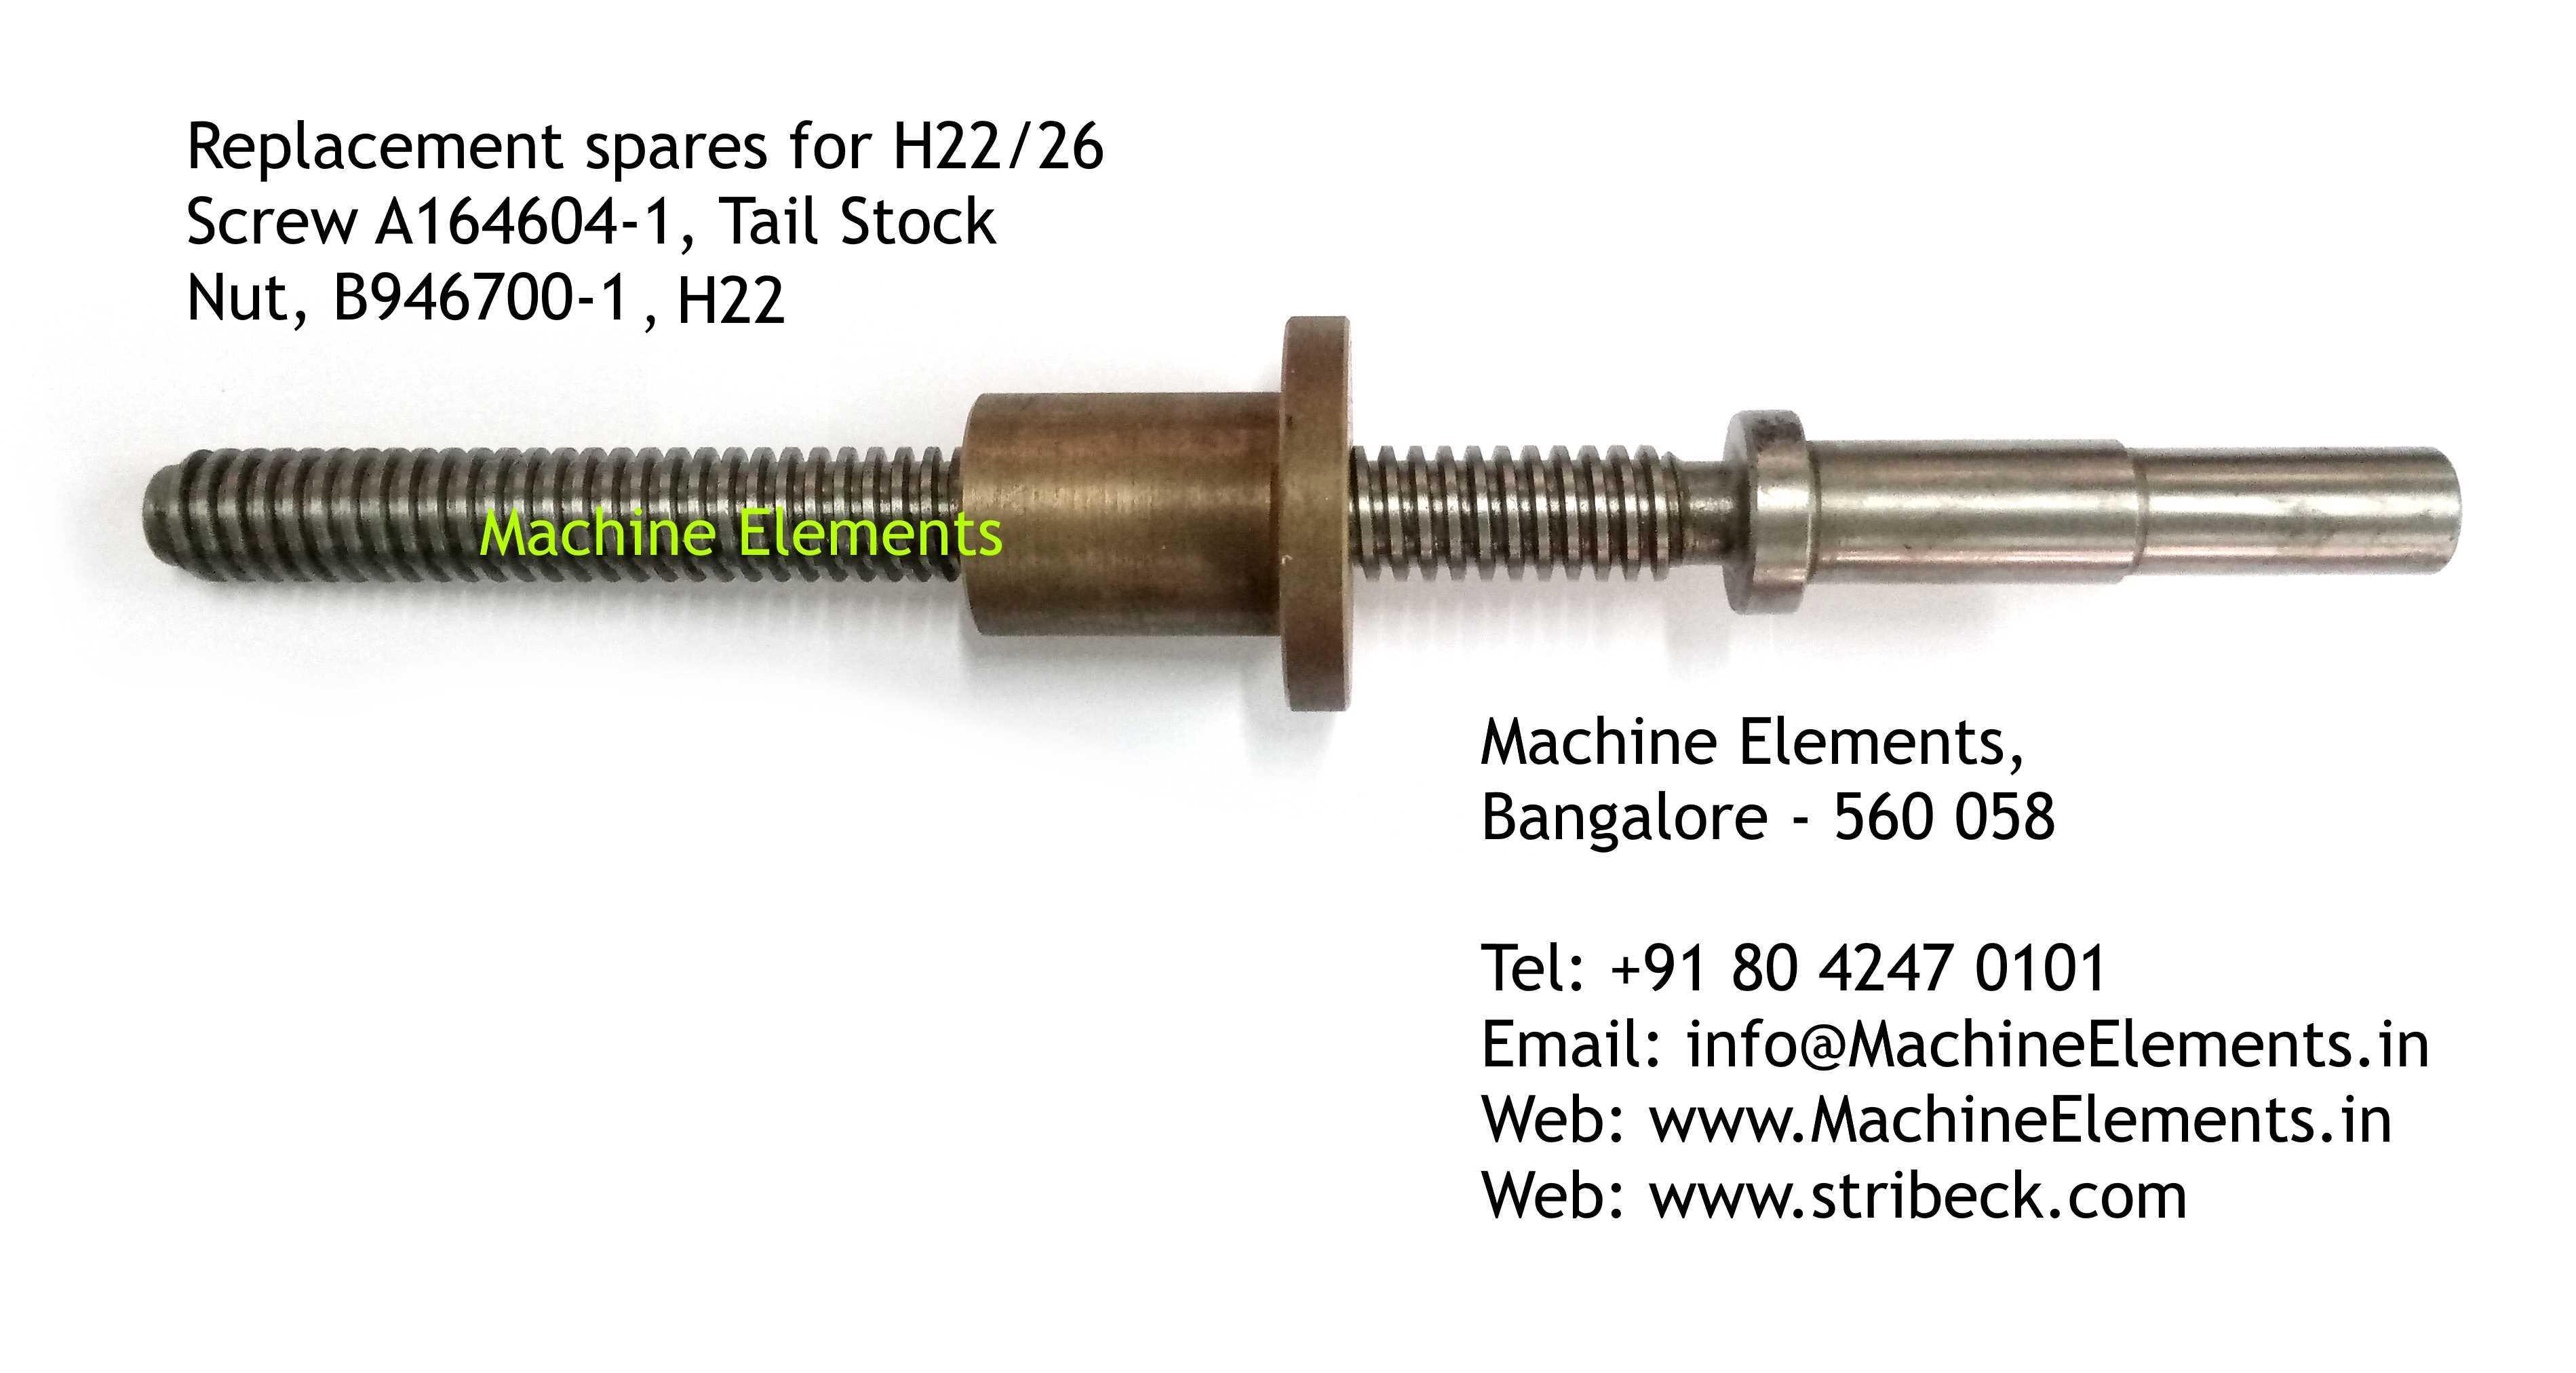 Screw, A164604-1